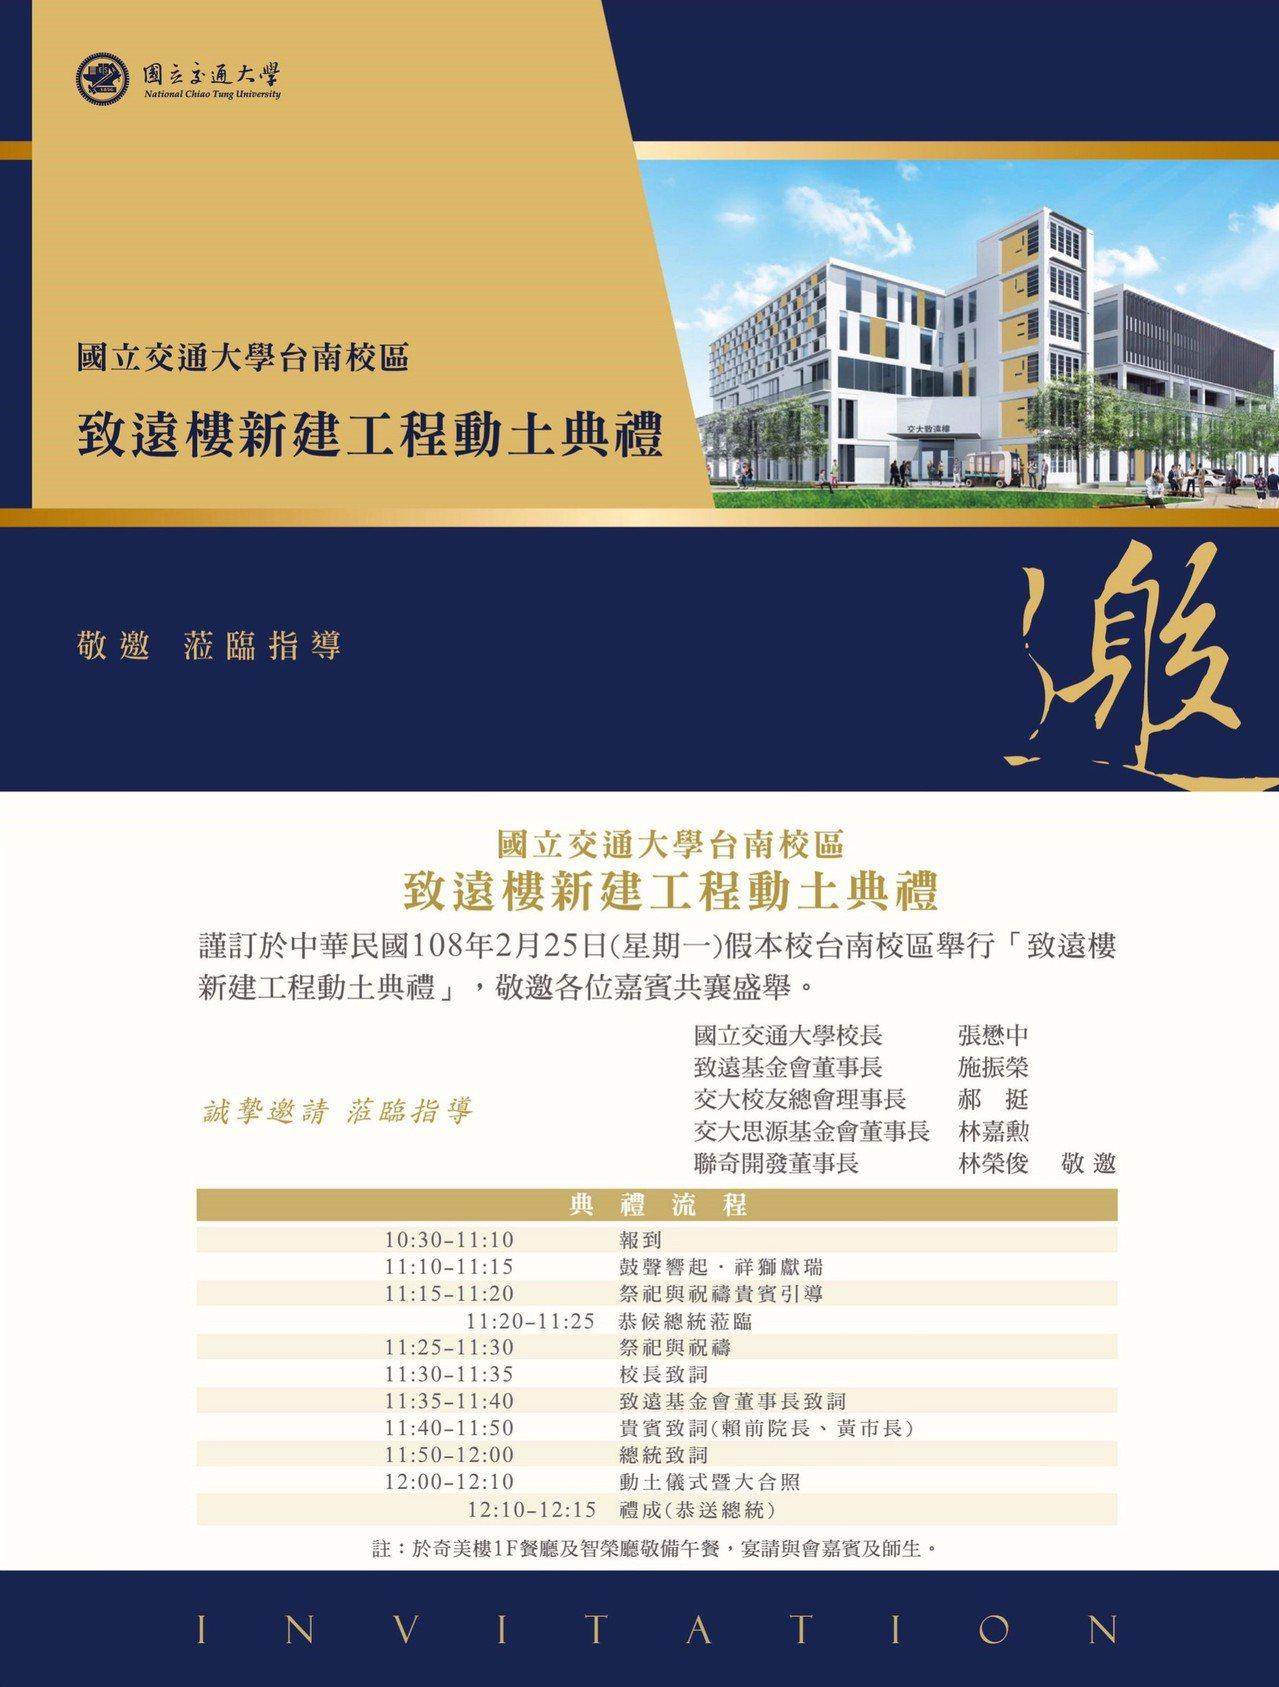 國立交通大學台南校區致遠樓新建工程動土典禮訂於108年2月25日中午11點,在國...